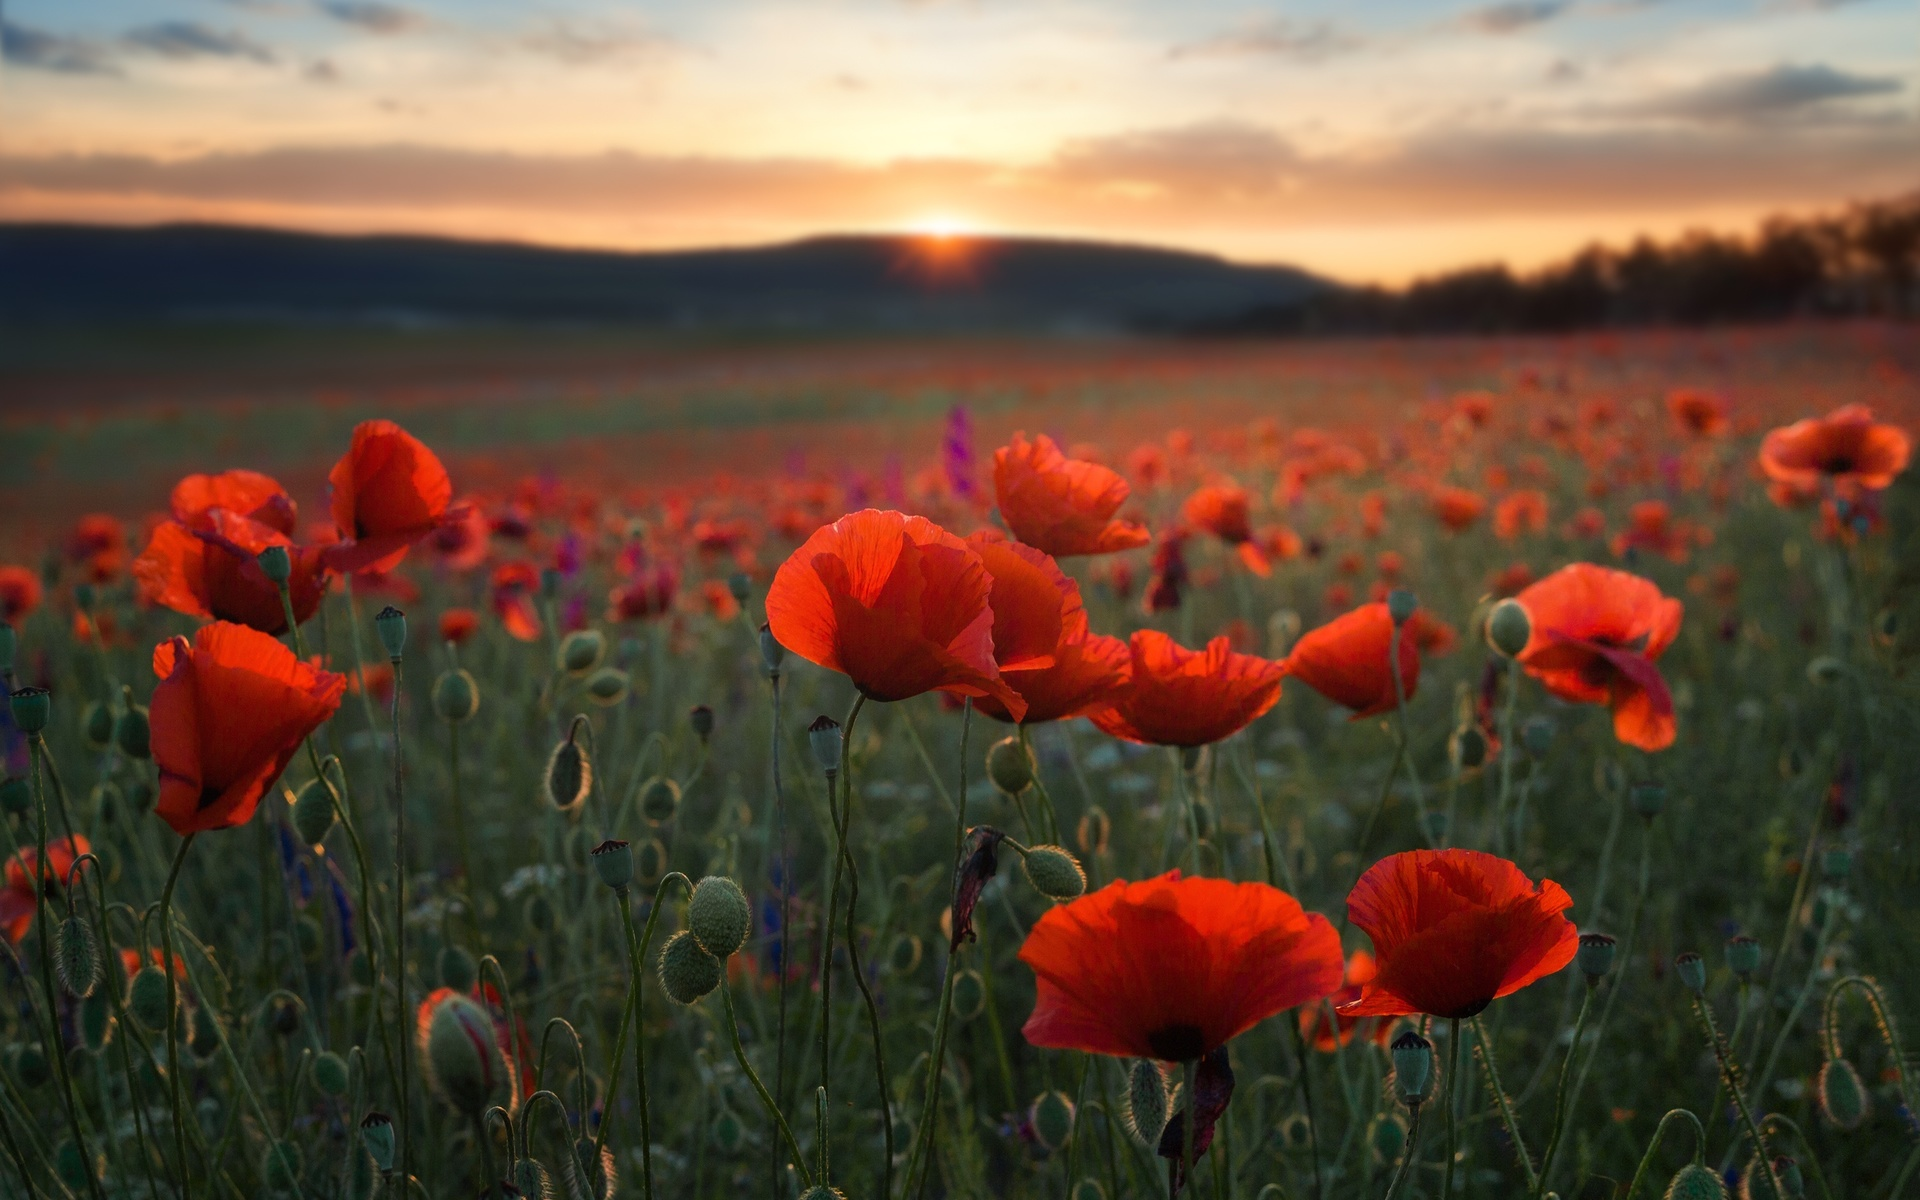 природа, пейзаж, лето, холмы, поле, цветы, маки, закат